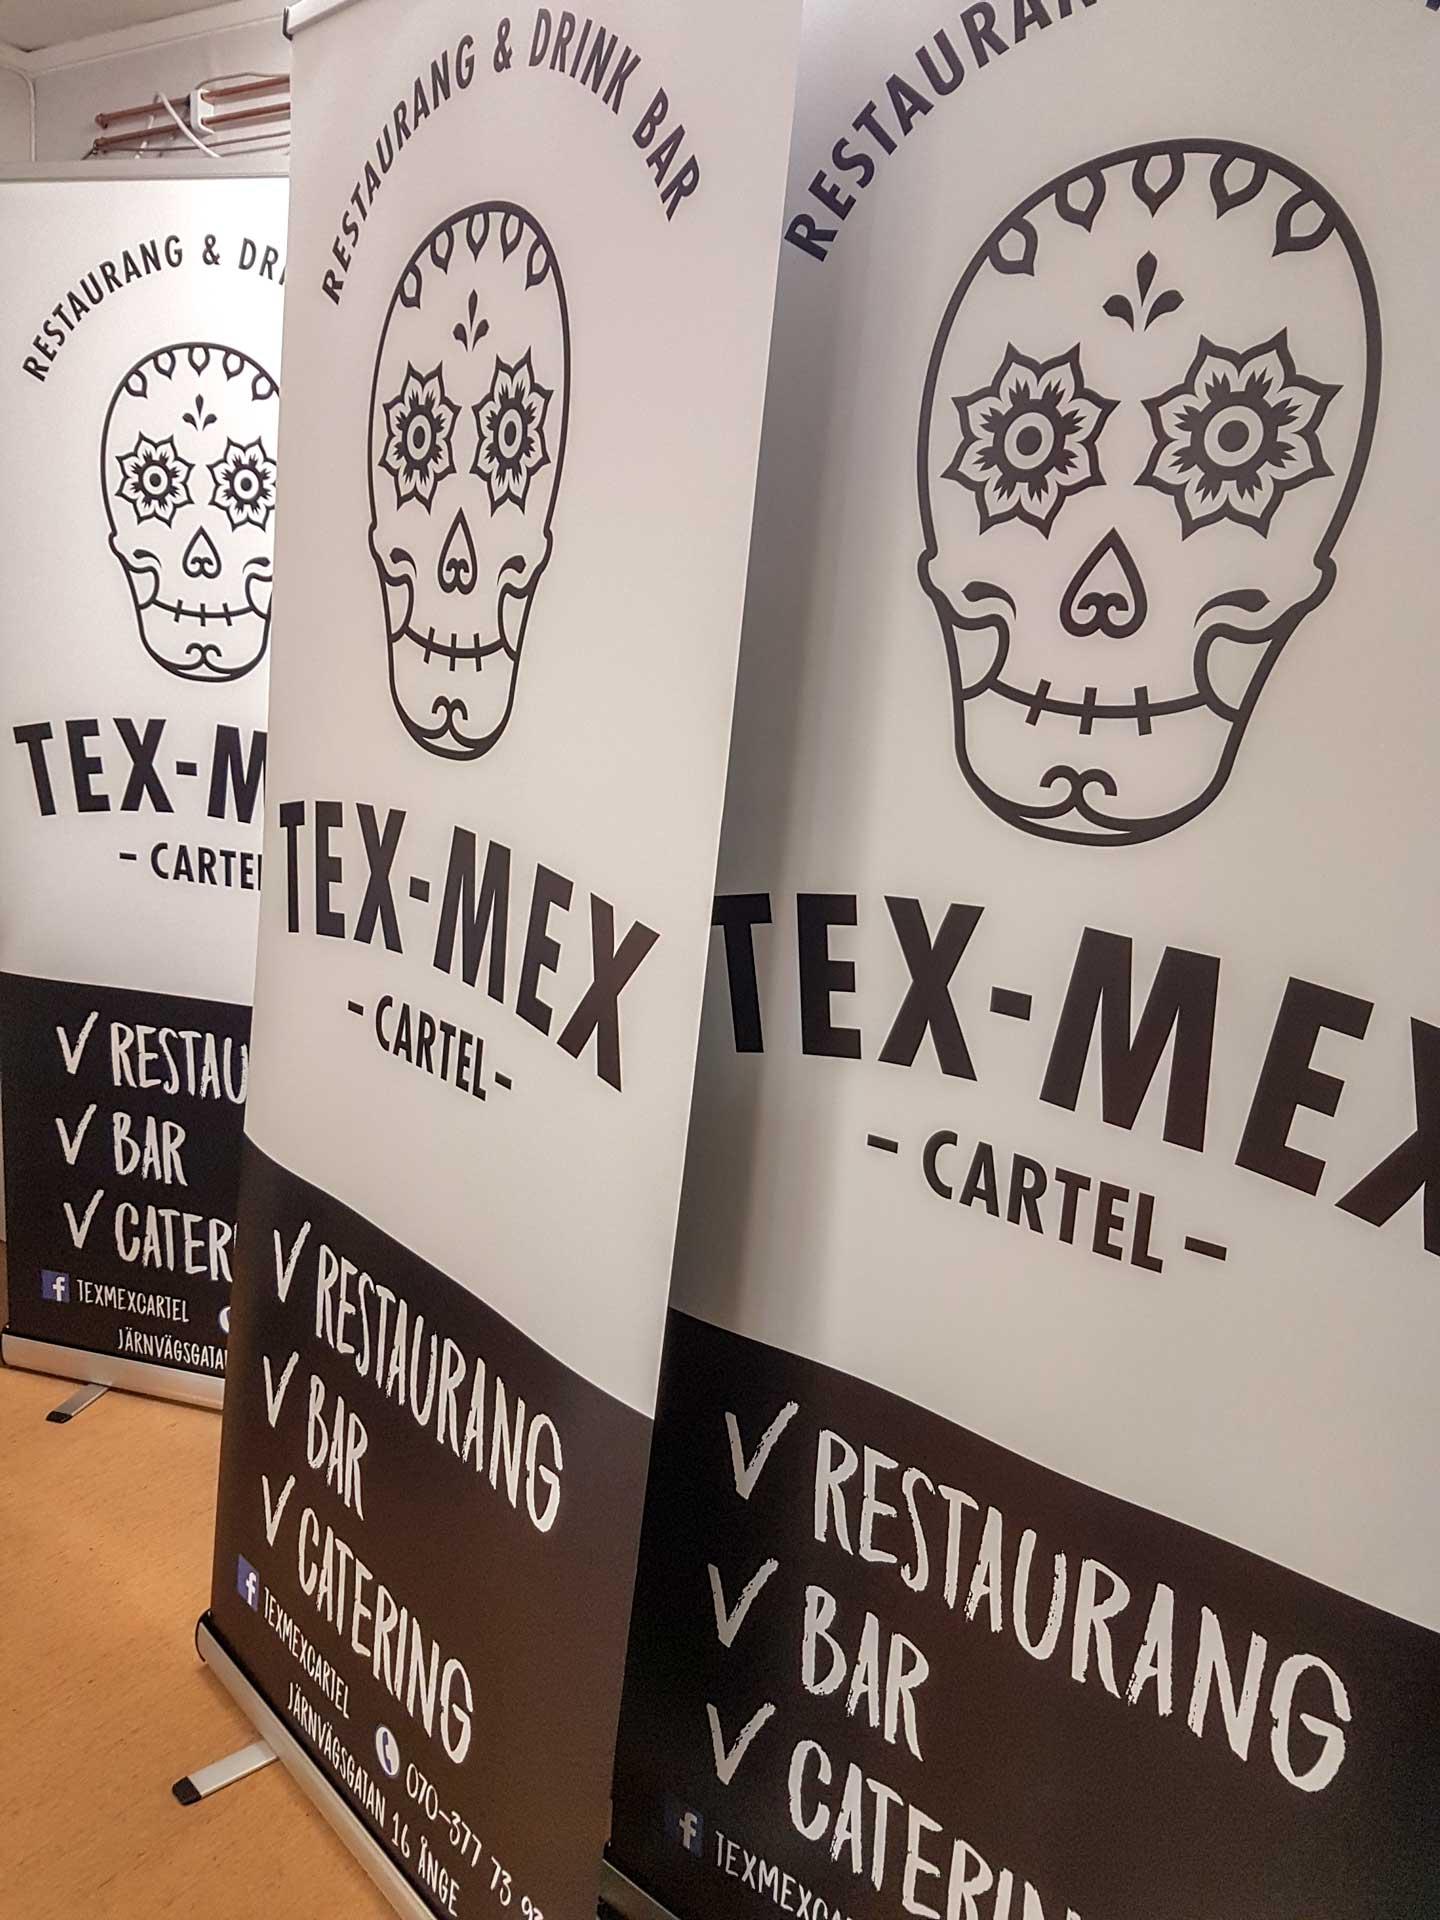 Tex-mex Cartel